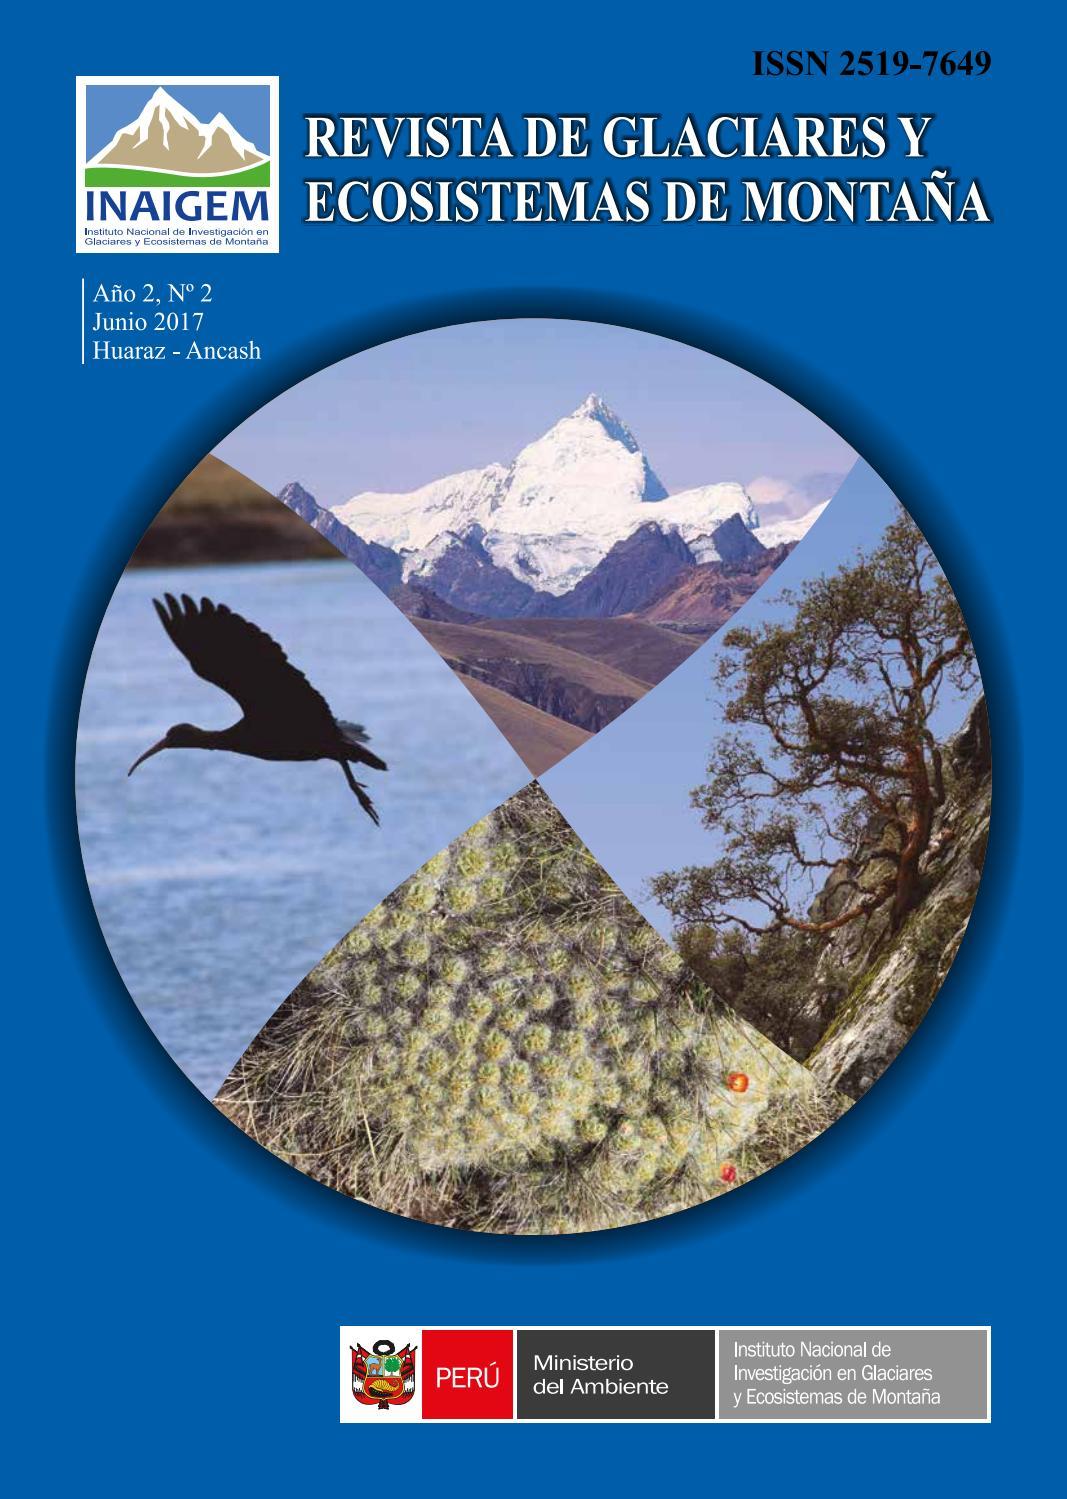 Revista de Glaciares y Ecosistemas de Montaña N° 2 by INAIGEM - issuu